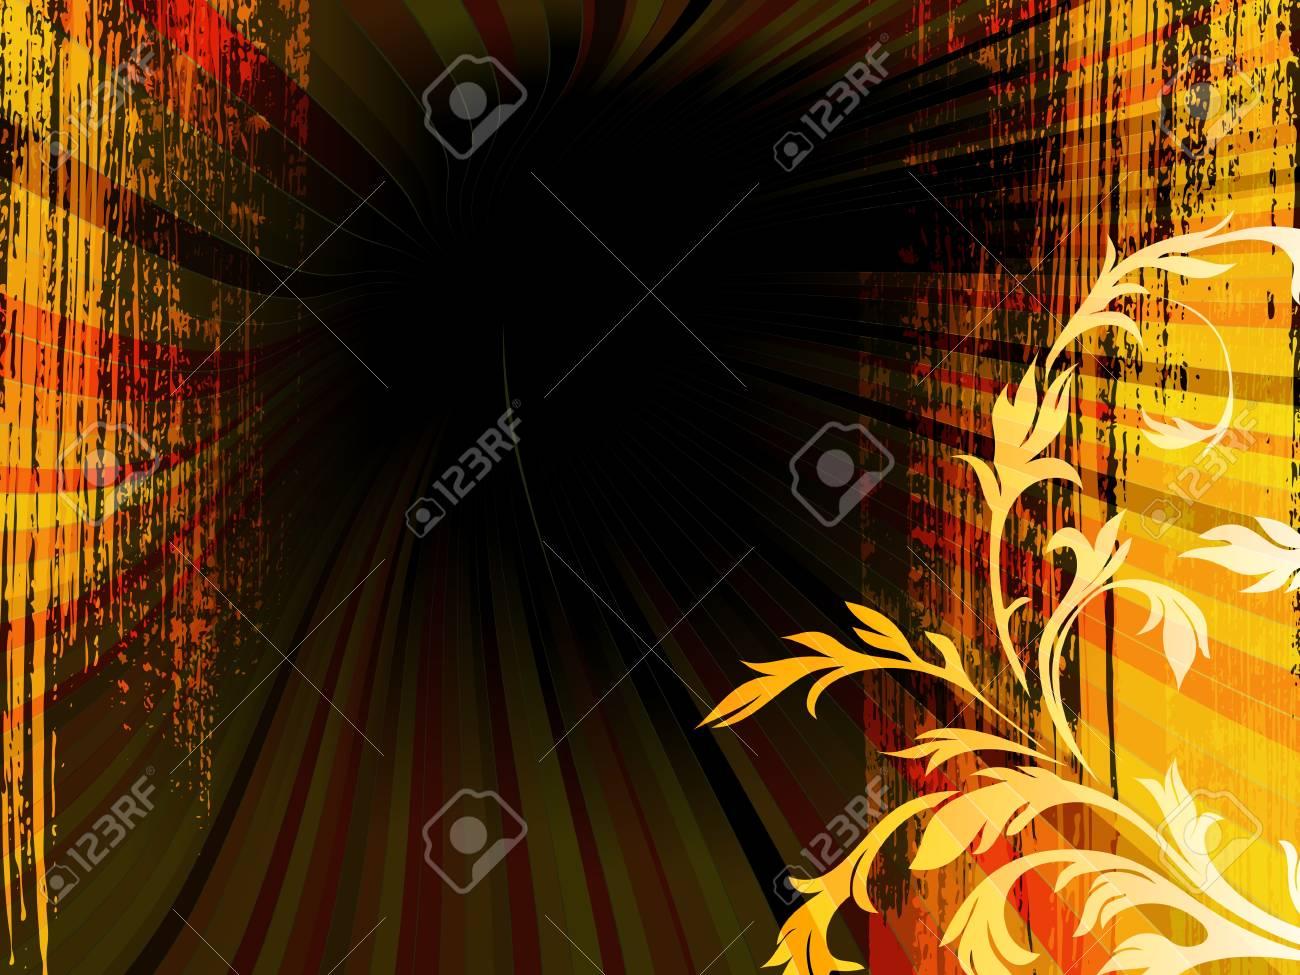 floral grunge background - 9388341